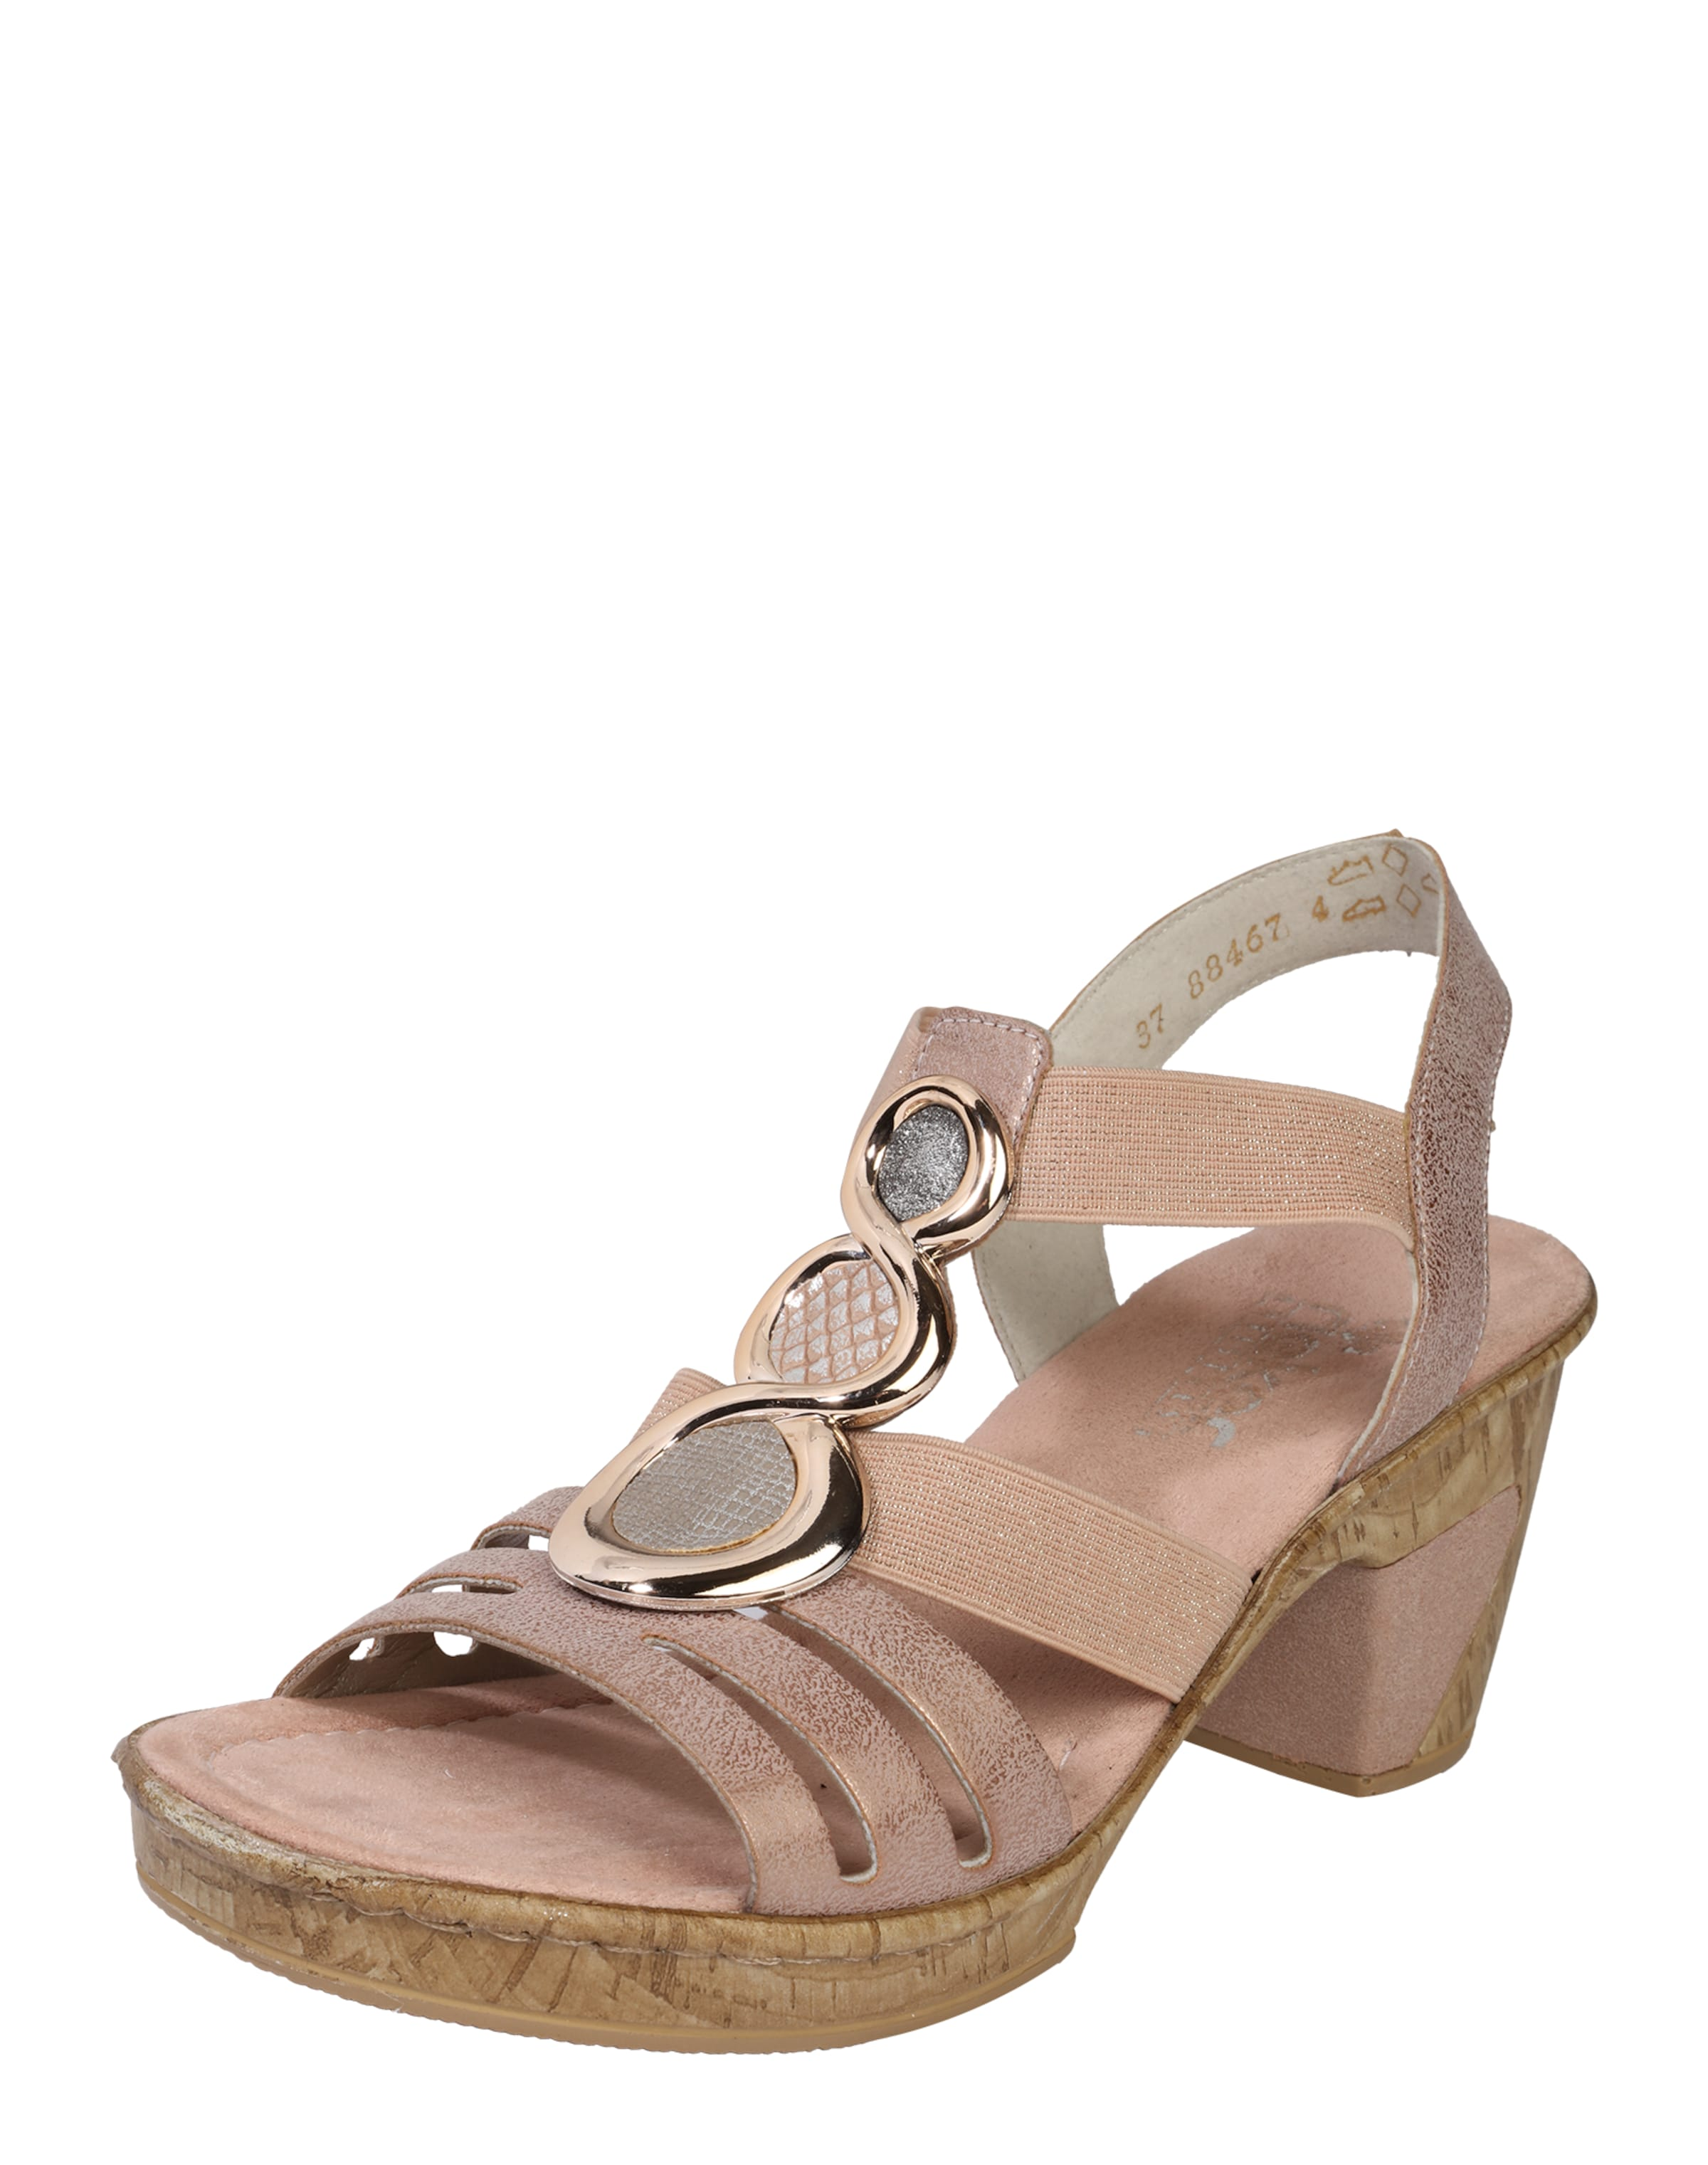 RIEKER 'Sandal stones' mit auffälligem Besatz Rabatt Billigsten Neu Werden Rabatt Erwerben Amazon Günstiger Preis eUsI64